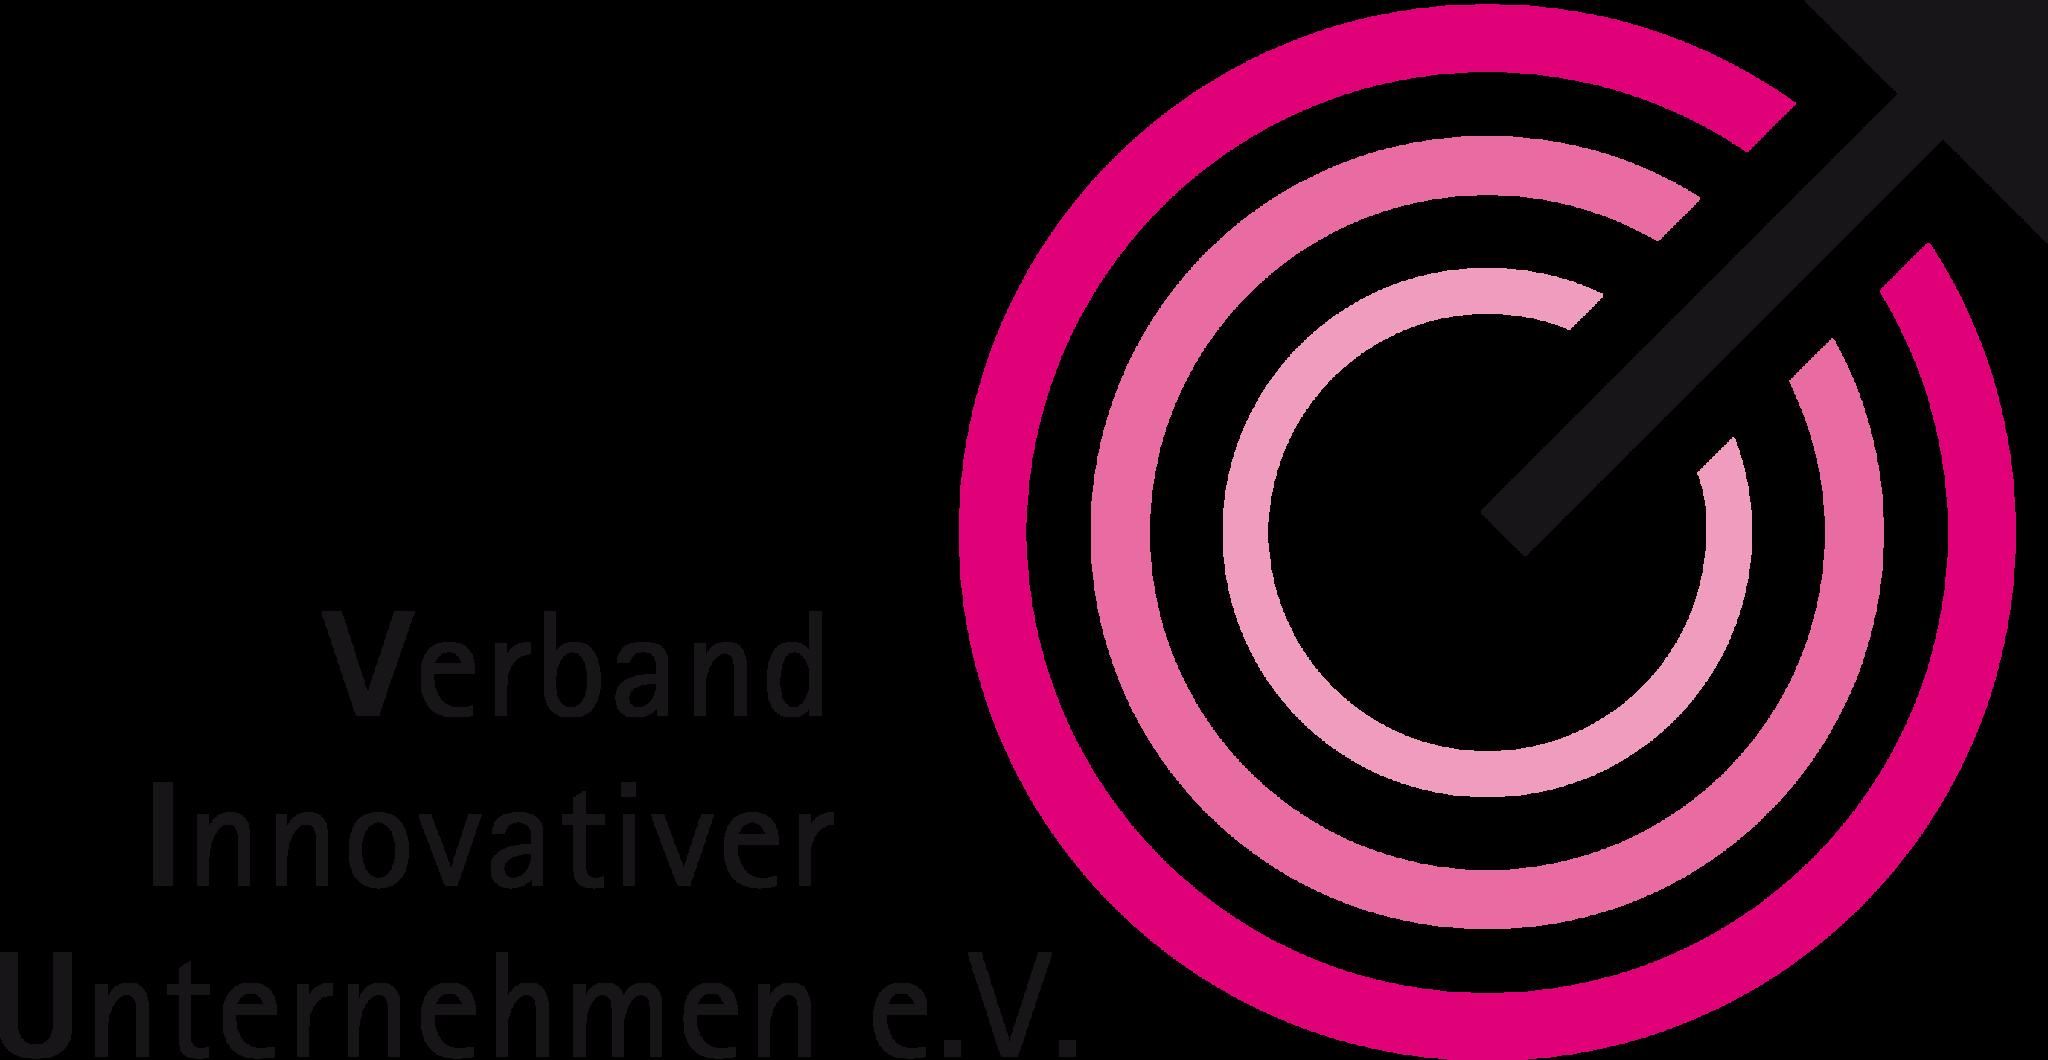 Das Logo des Verbands Innovativer Unternehmen e.V.